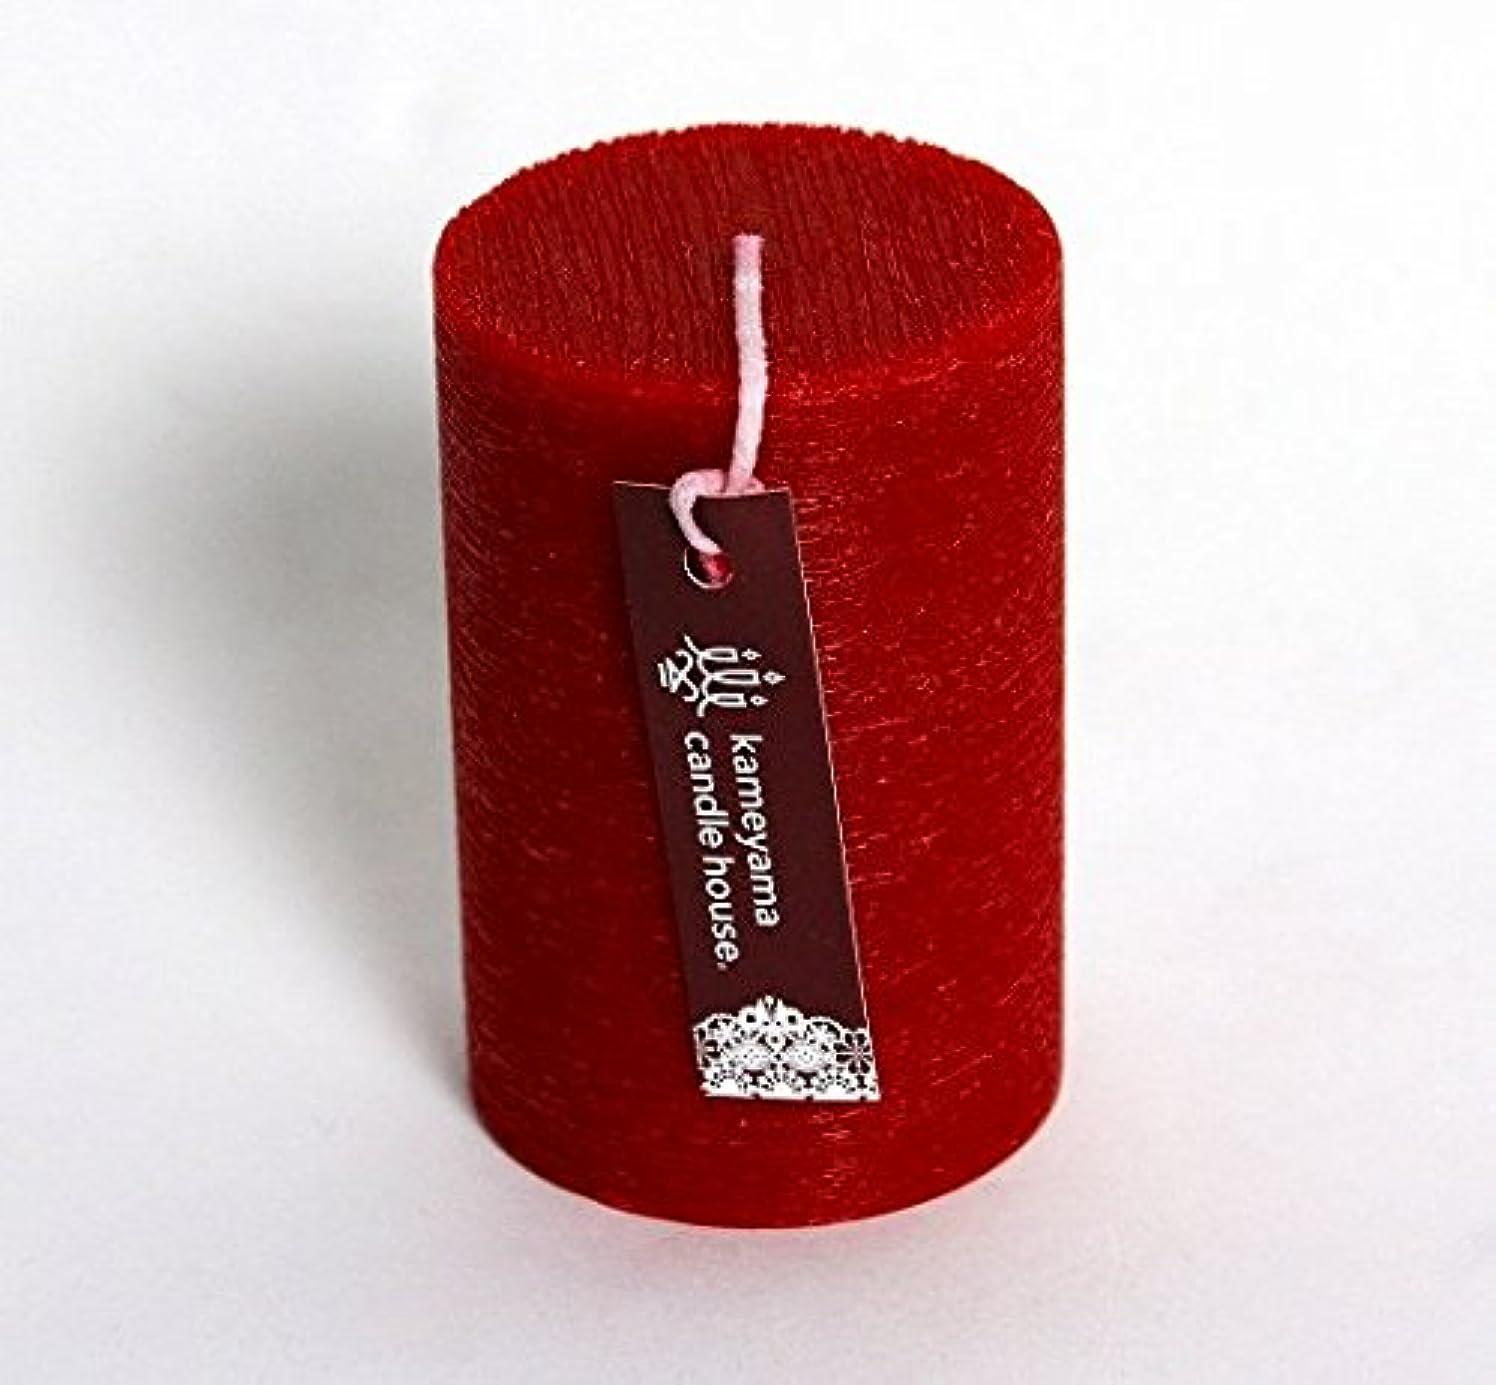 弱める性差別在庫kameyama candle(カメヤマキャンドル) ブラッシュピラー2×3 「 レッド 」(A8310000R)